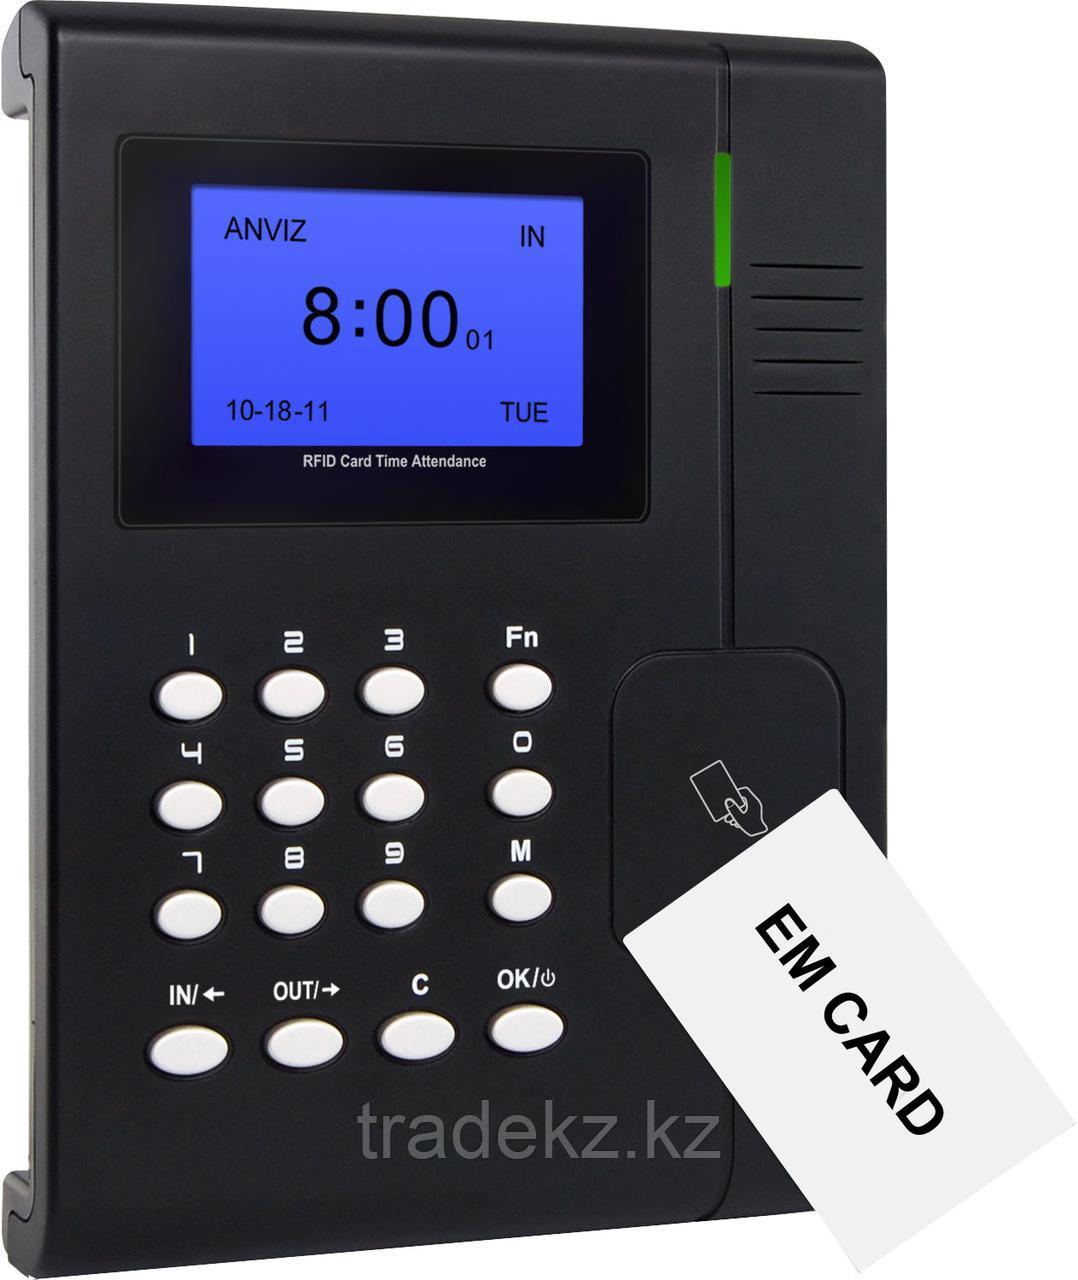 Терминал учета рабочего времени Anviz OC180